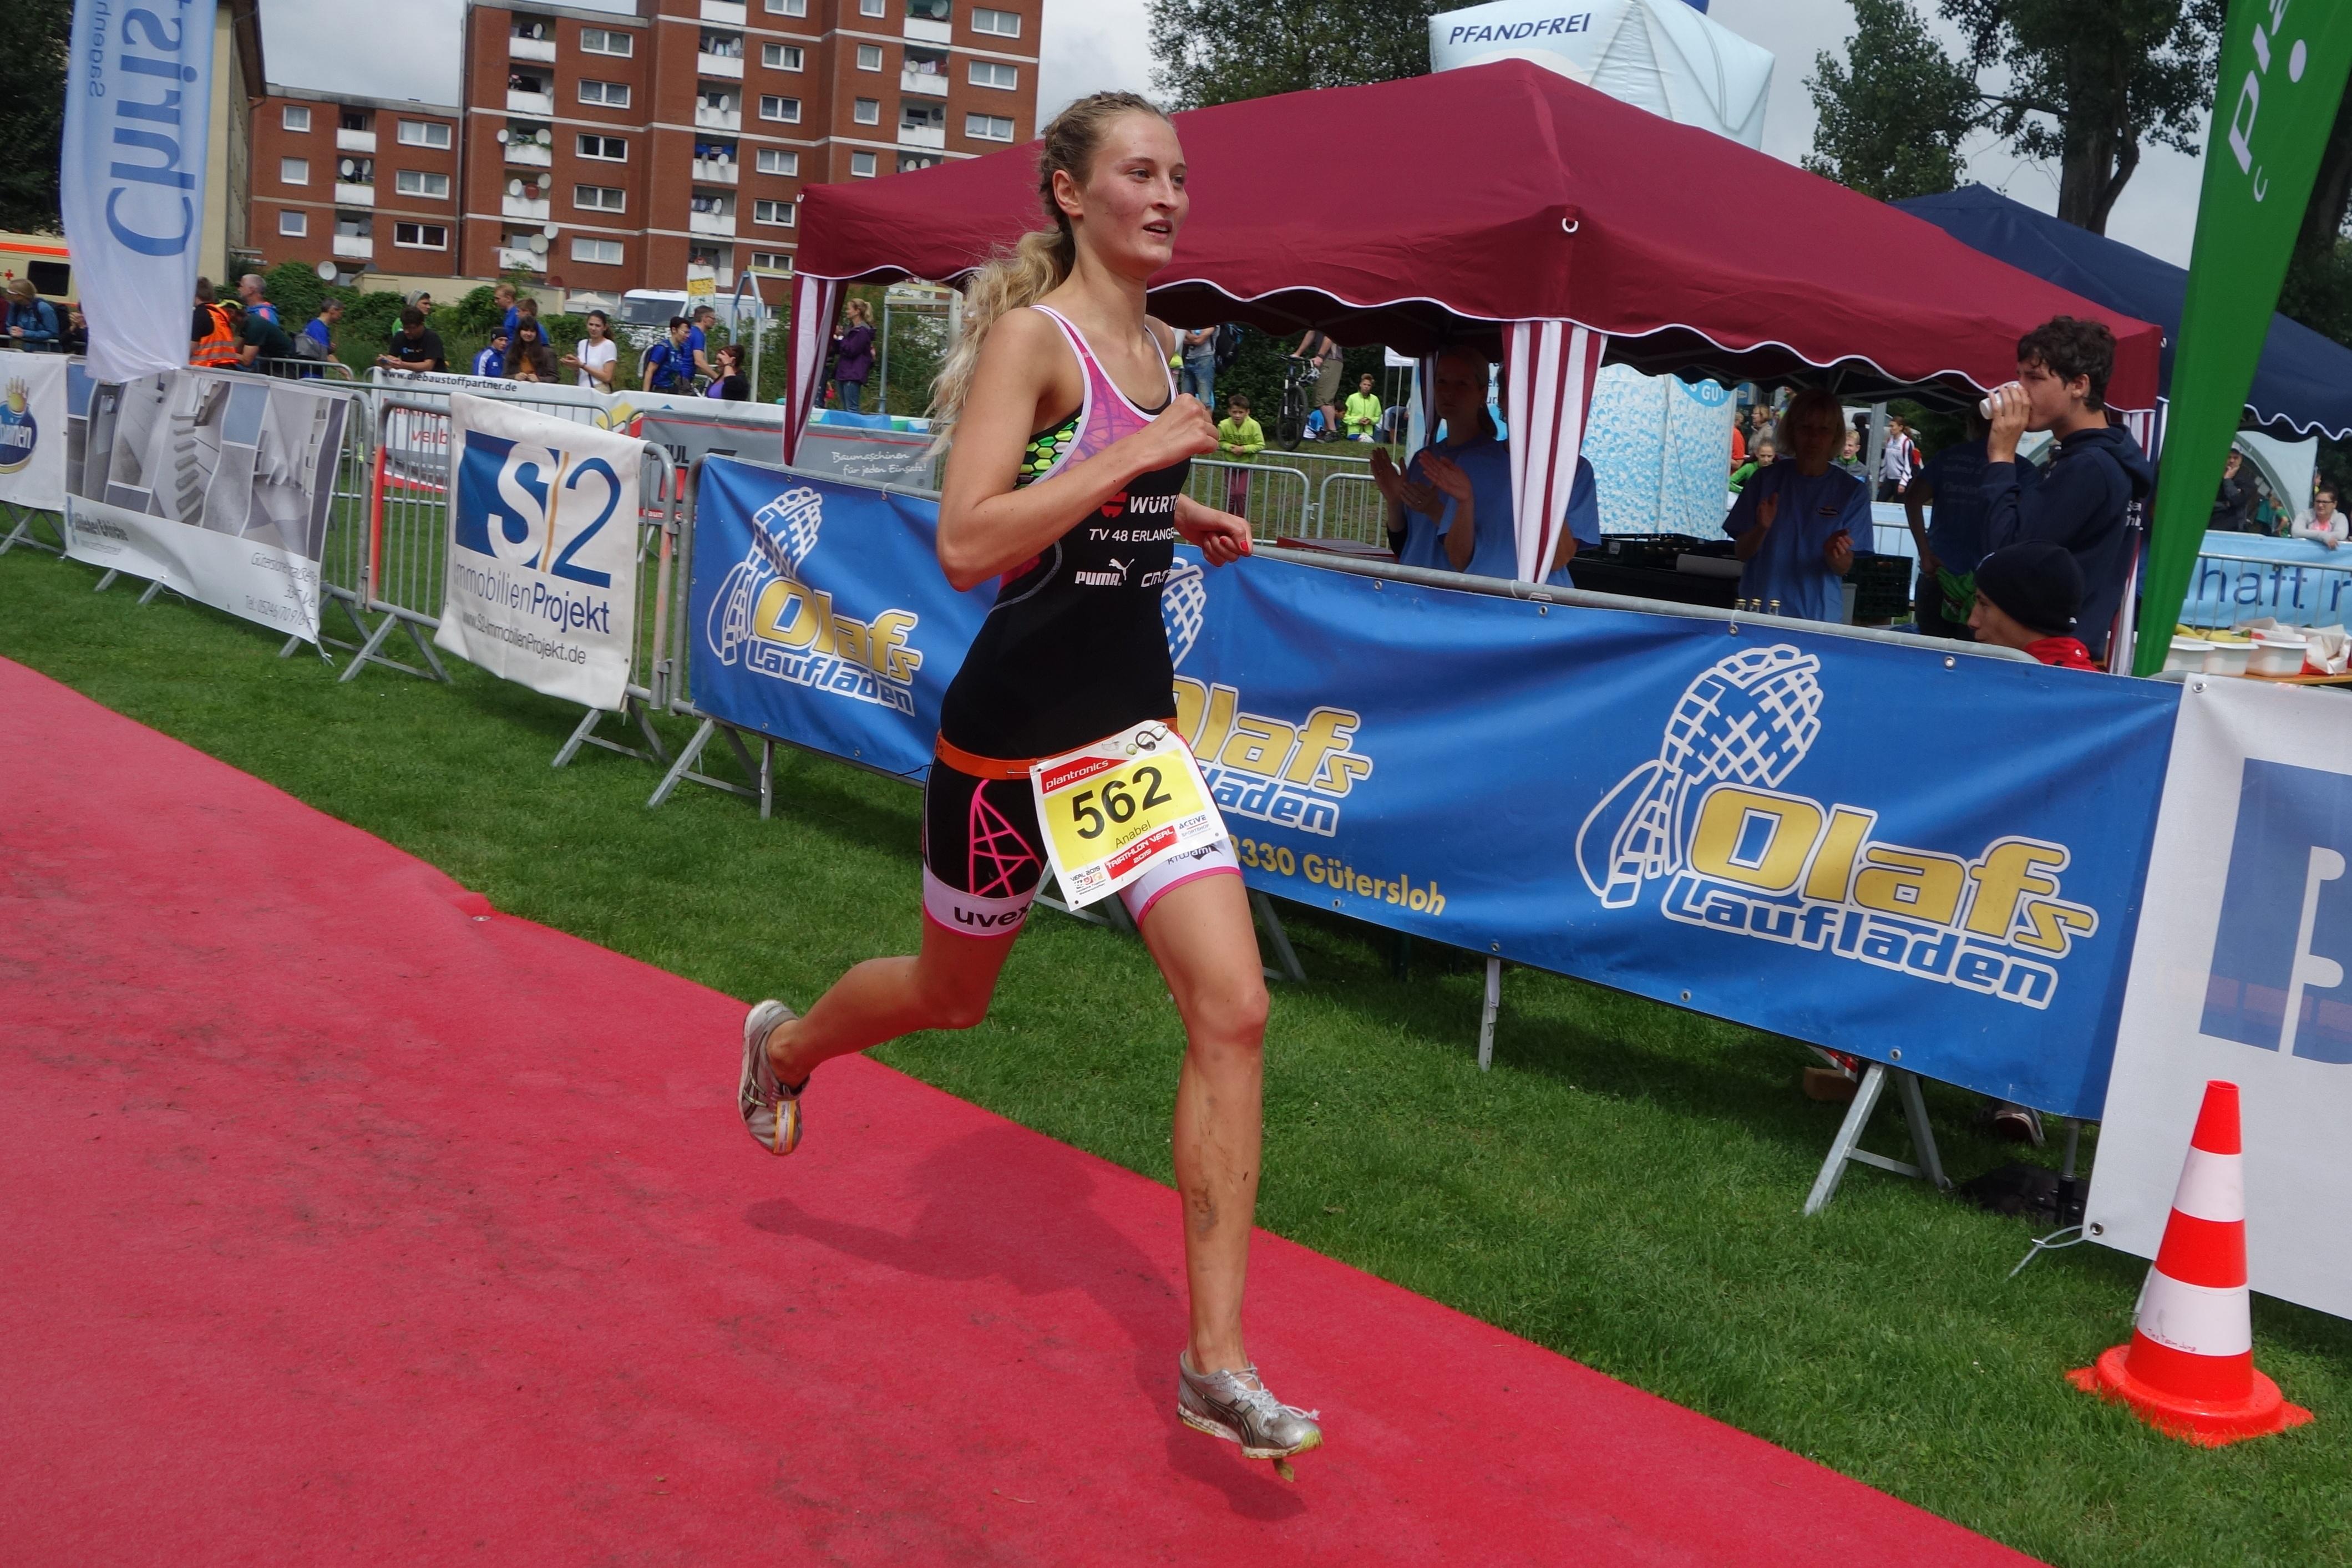 Anabel Knoll auf dem Weg zu Platz 3.